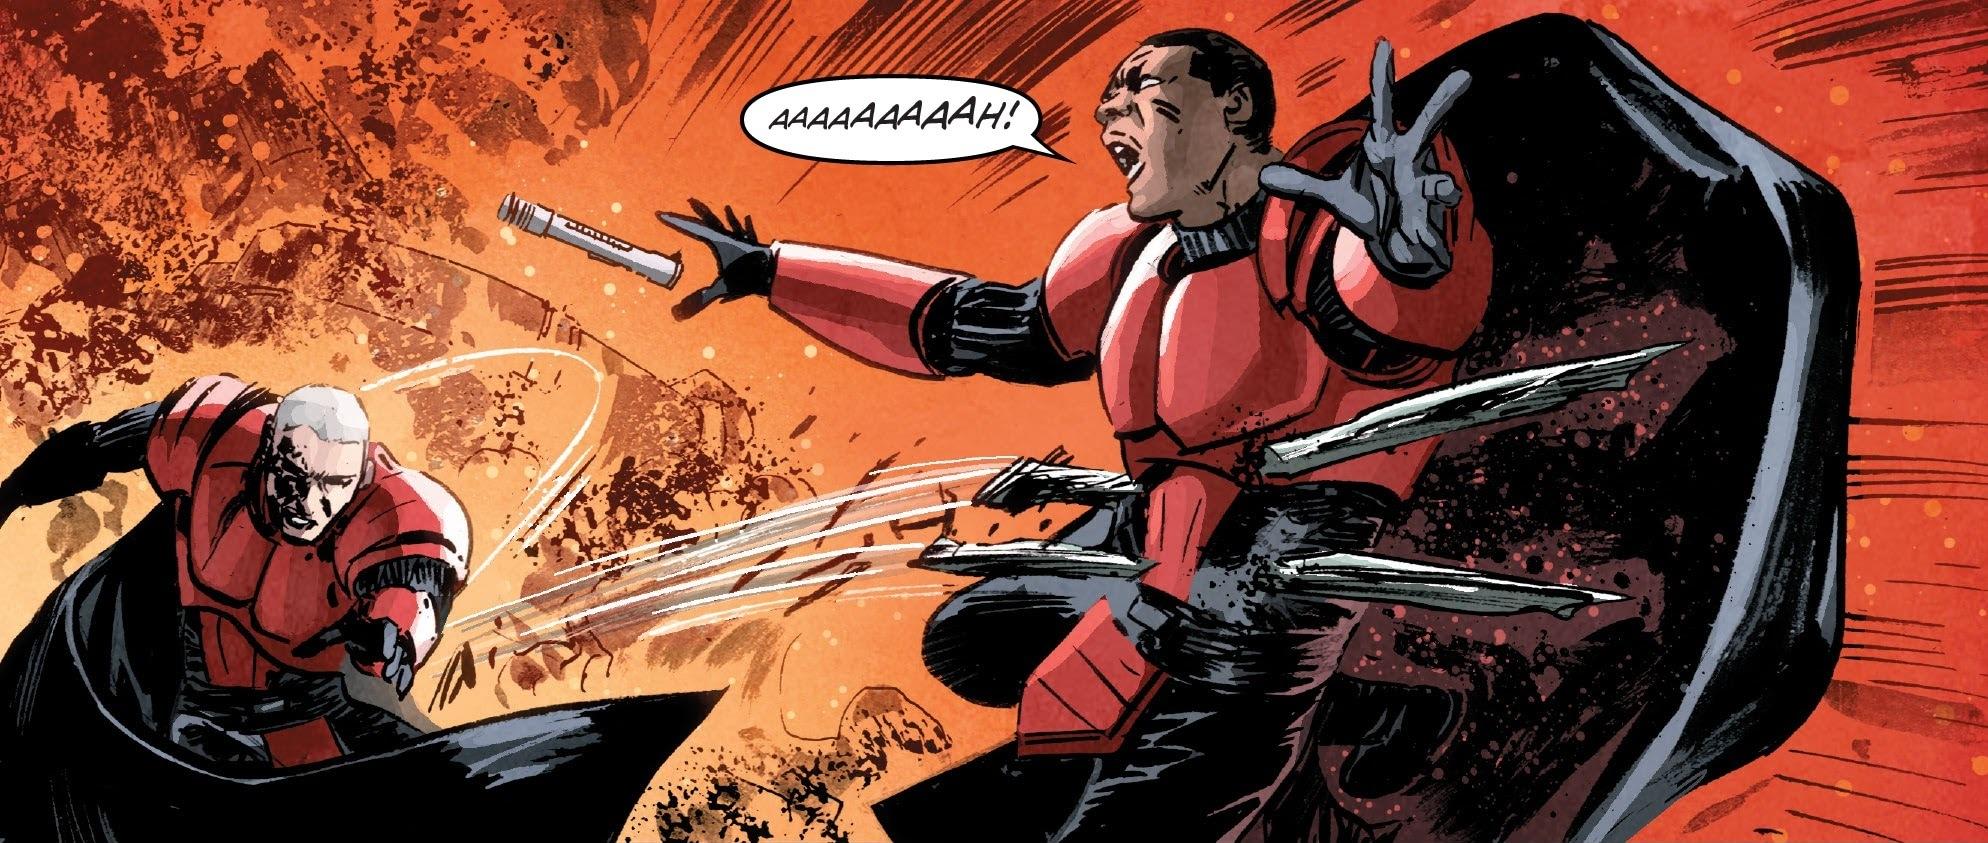 File:Jao gets impaled by Darth Wredd.jpg